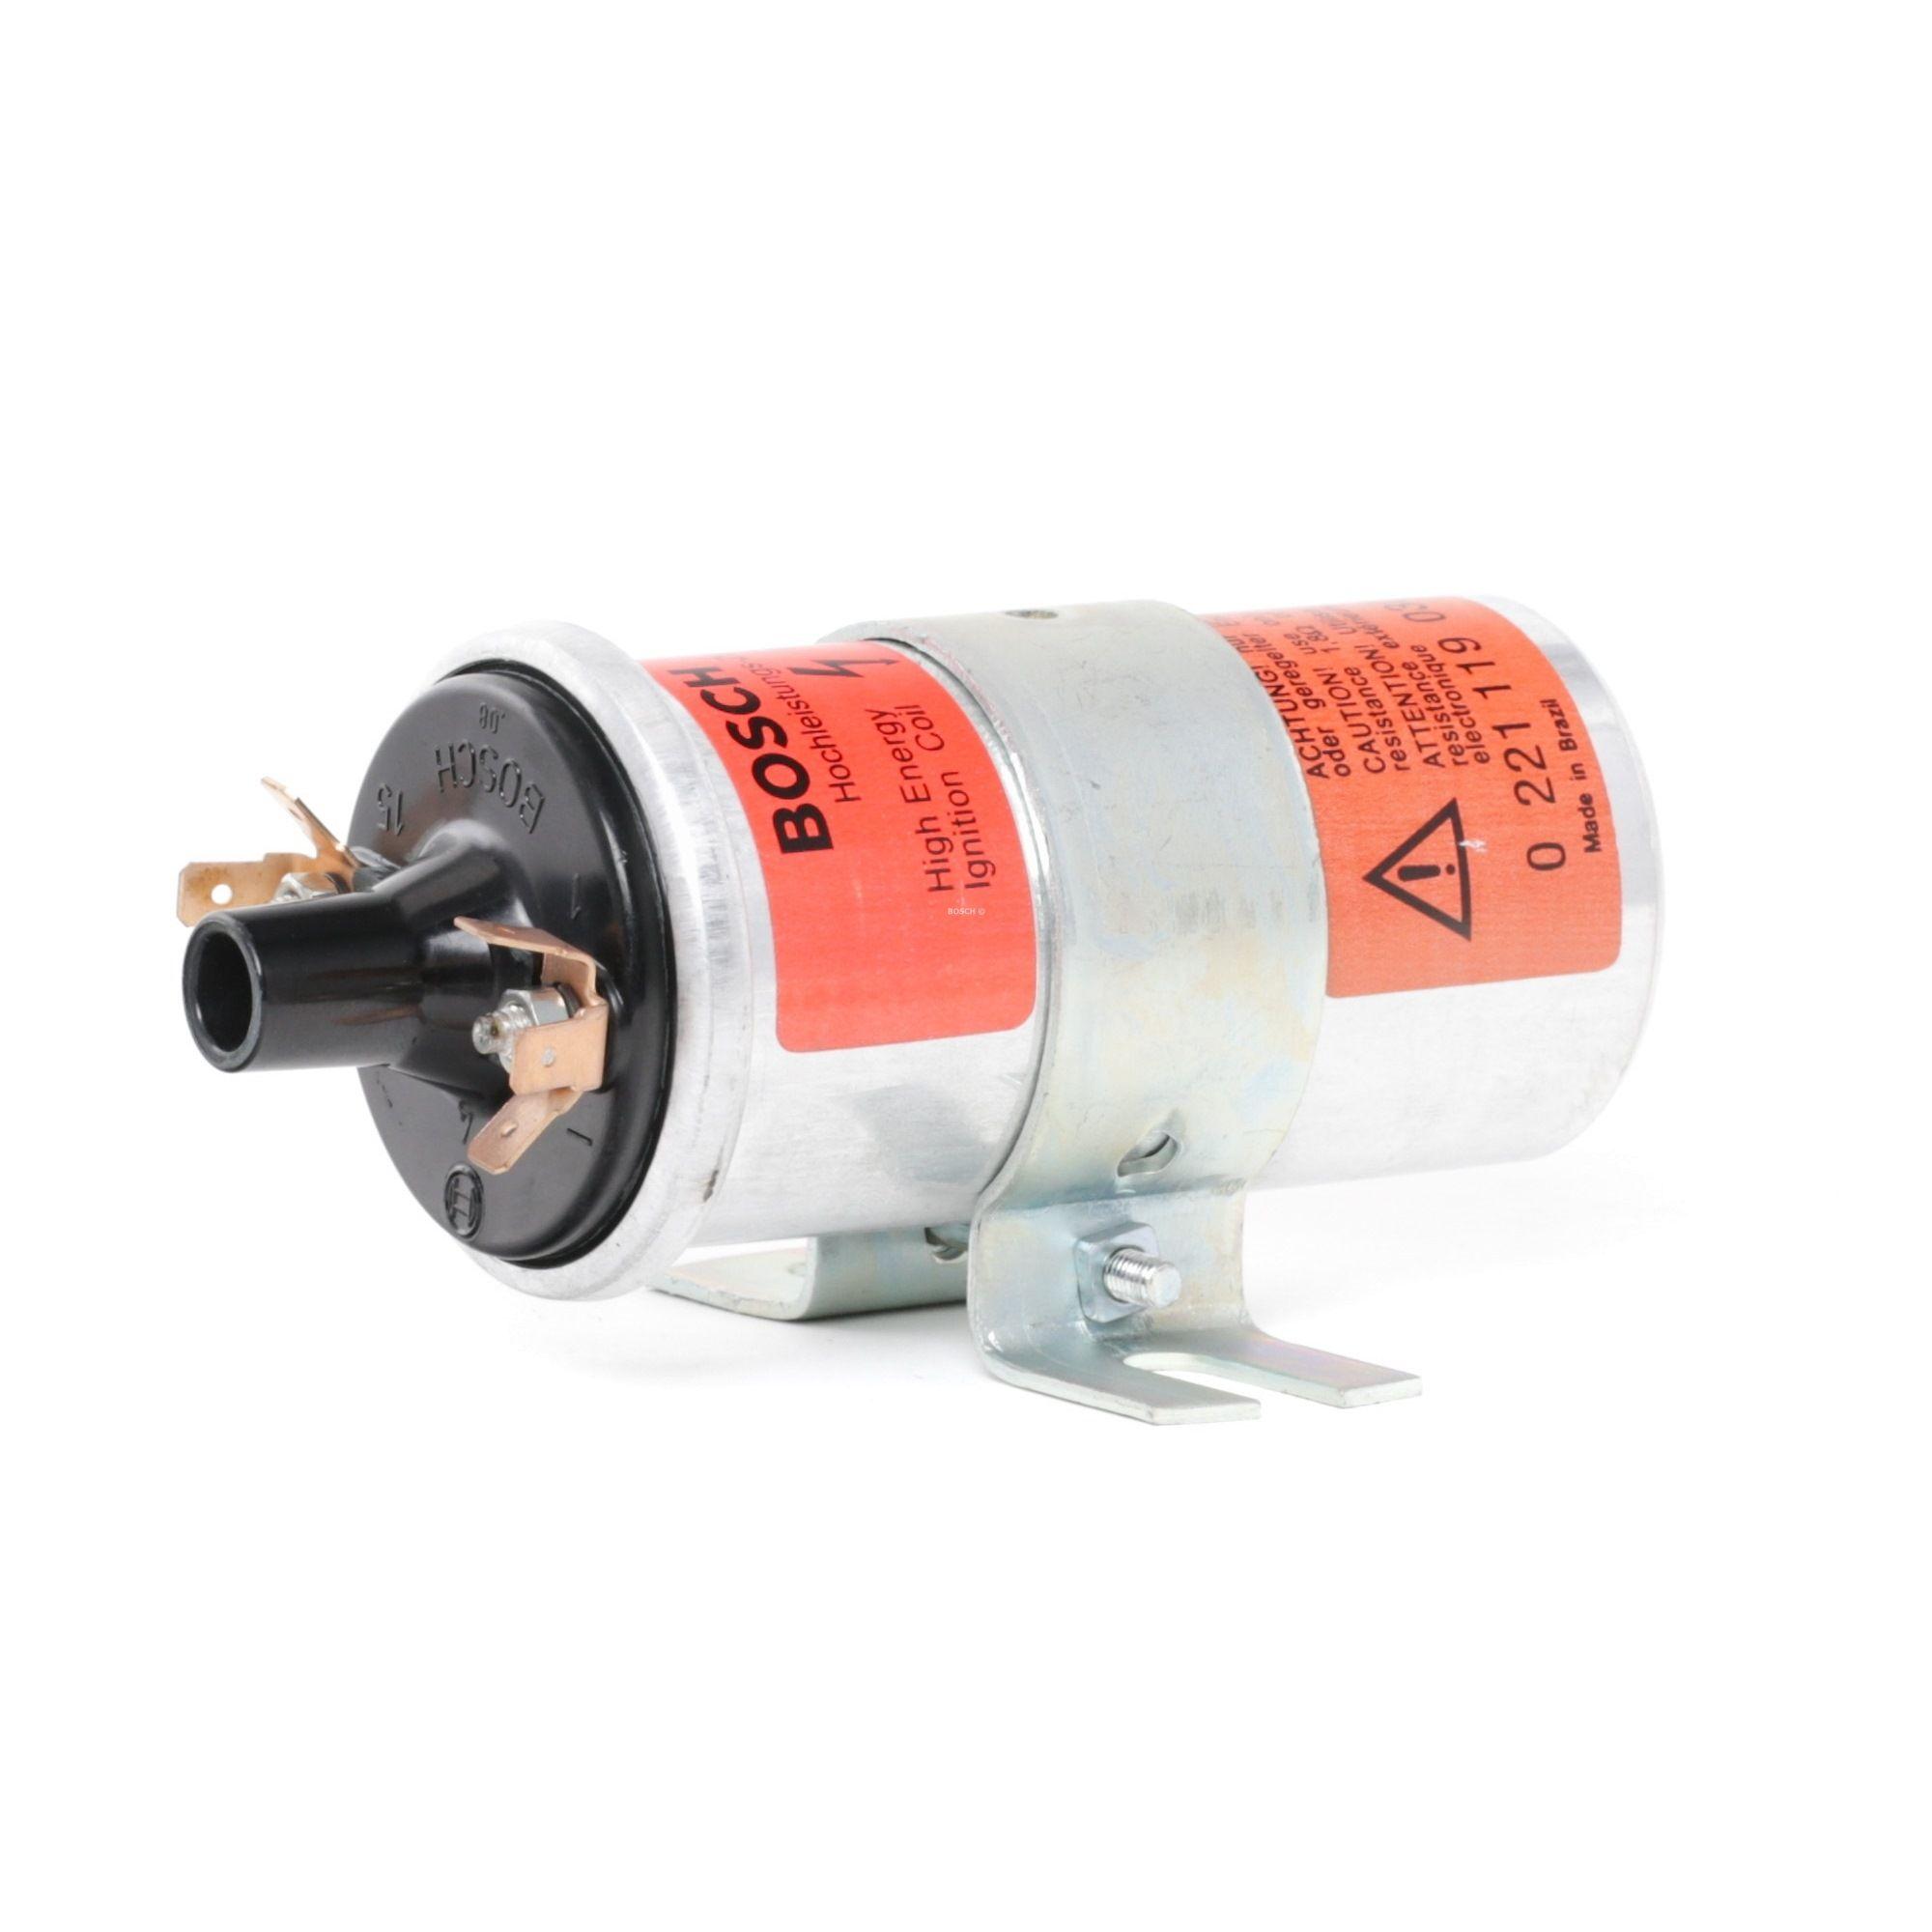 Buy original Glow plug system BOSCH 0 221 119 030